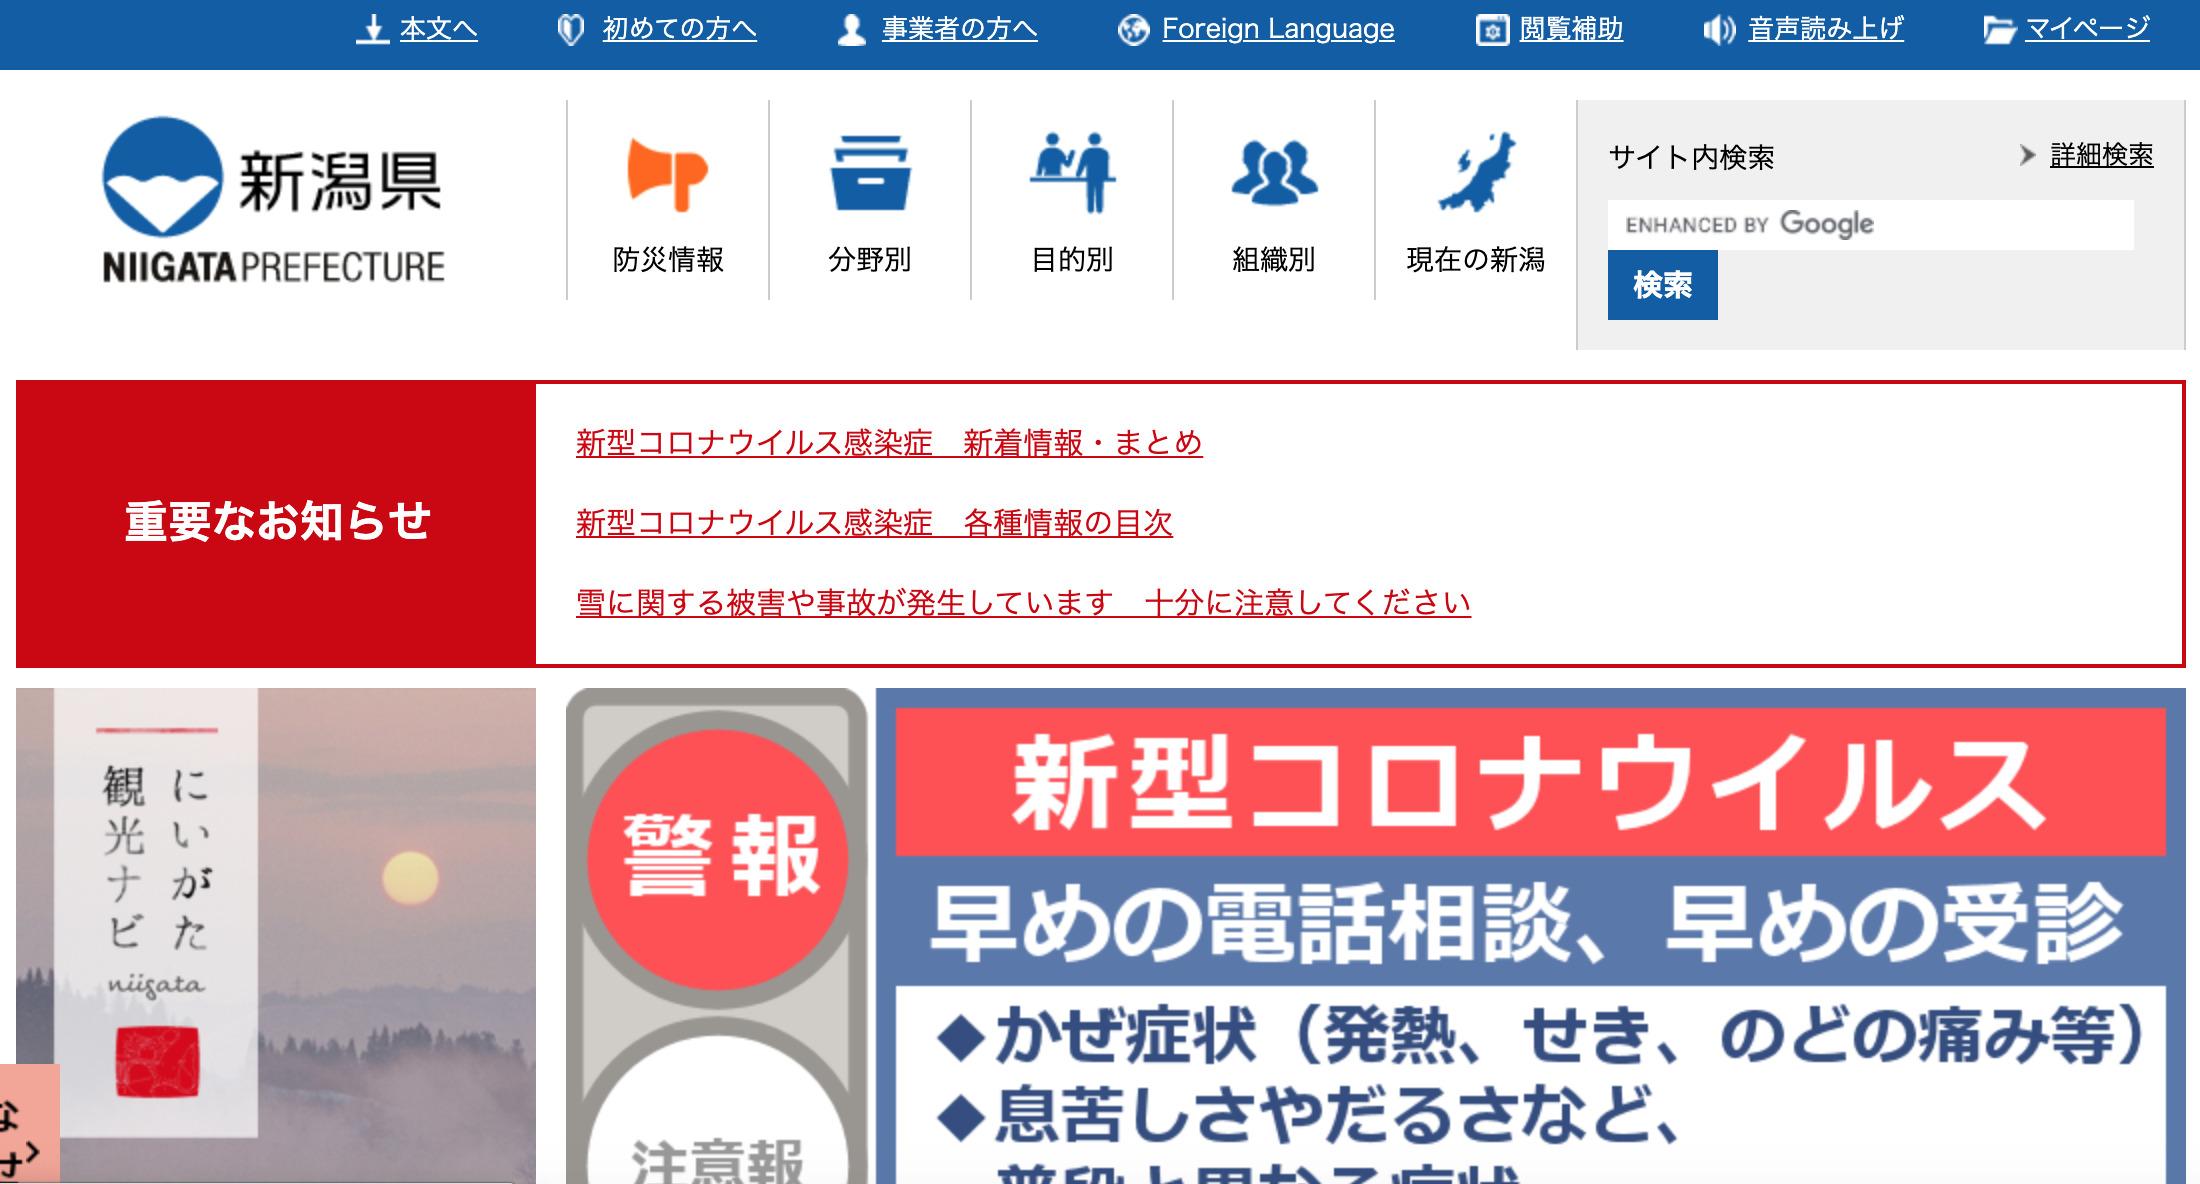 新潟県の新型コロナウイルス感染症への対応状況